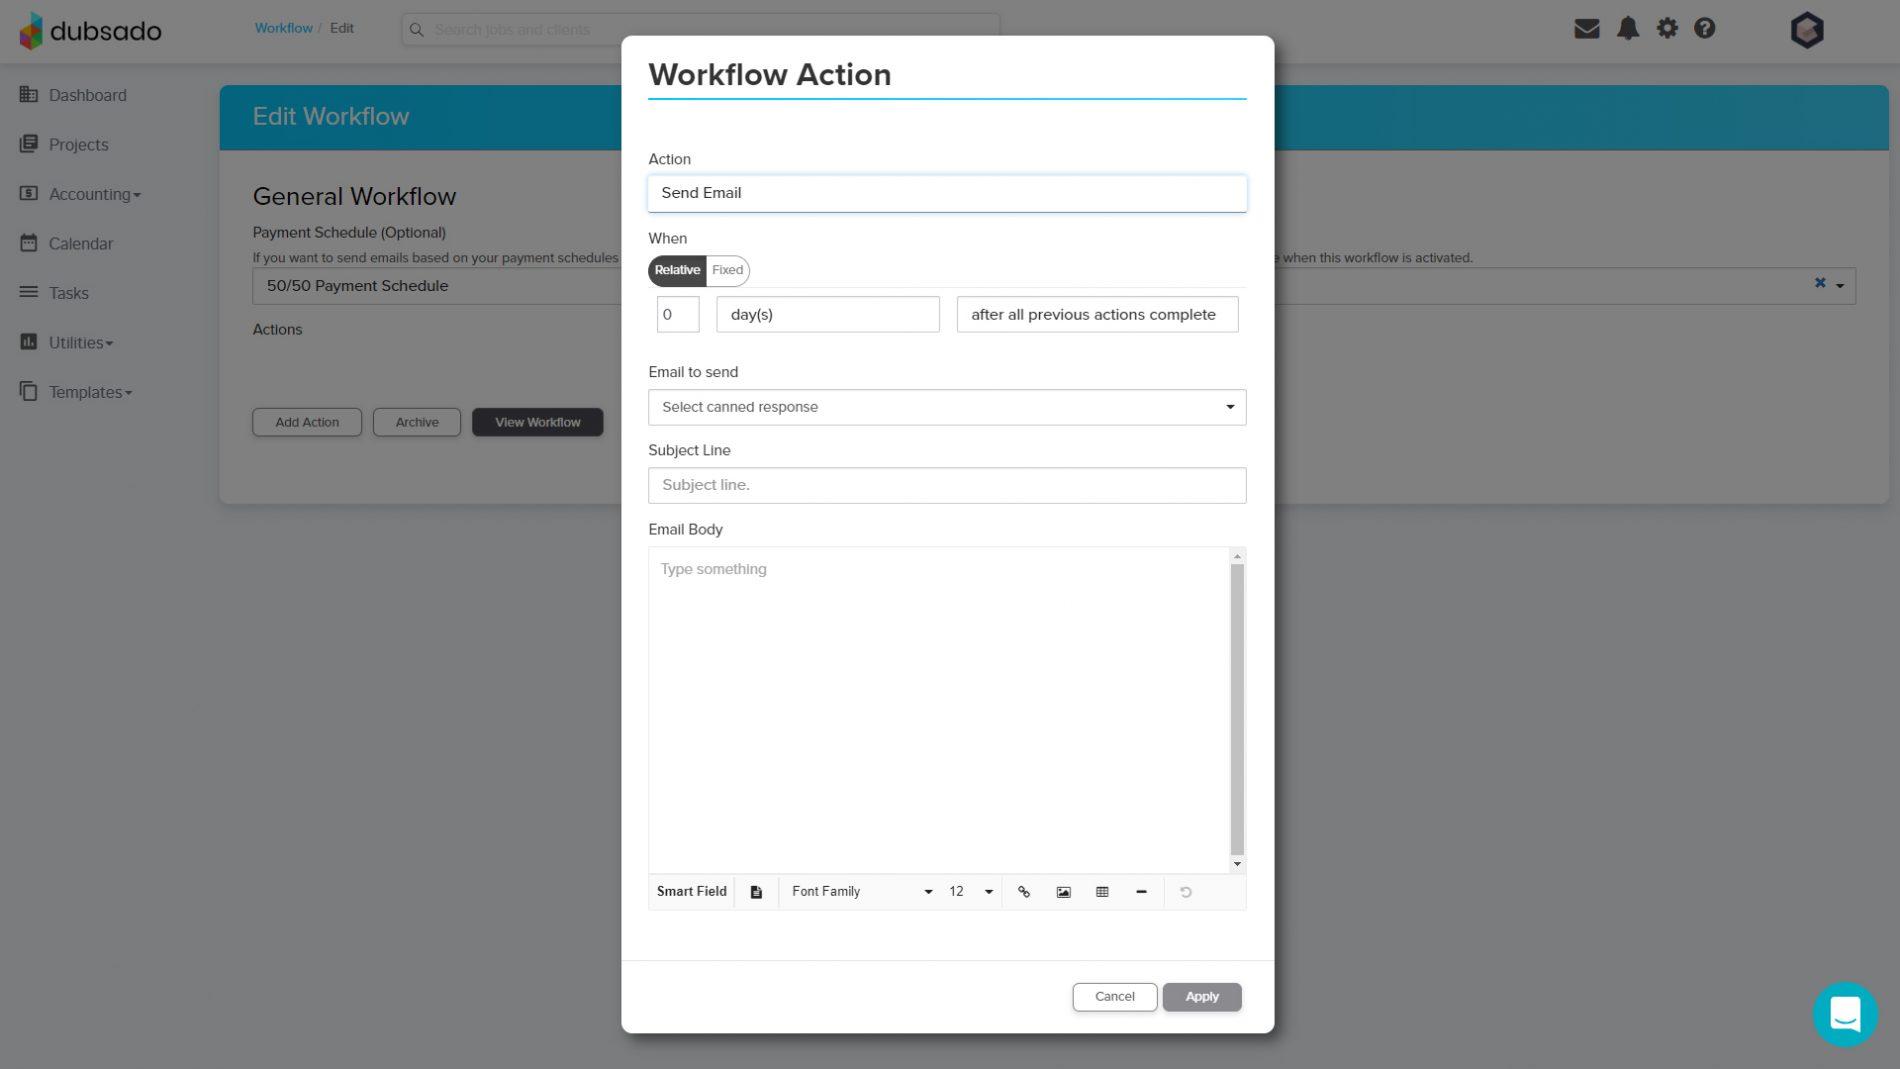 Dubsado Workflows are Genius